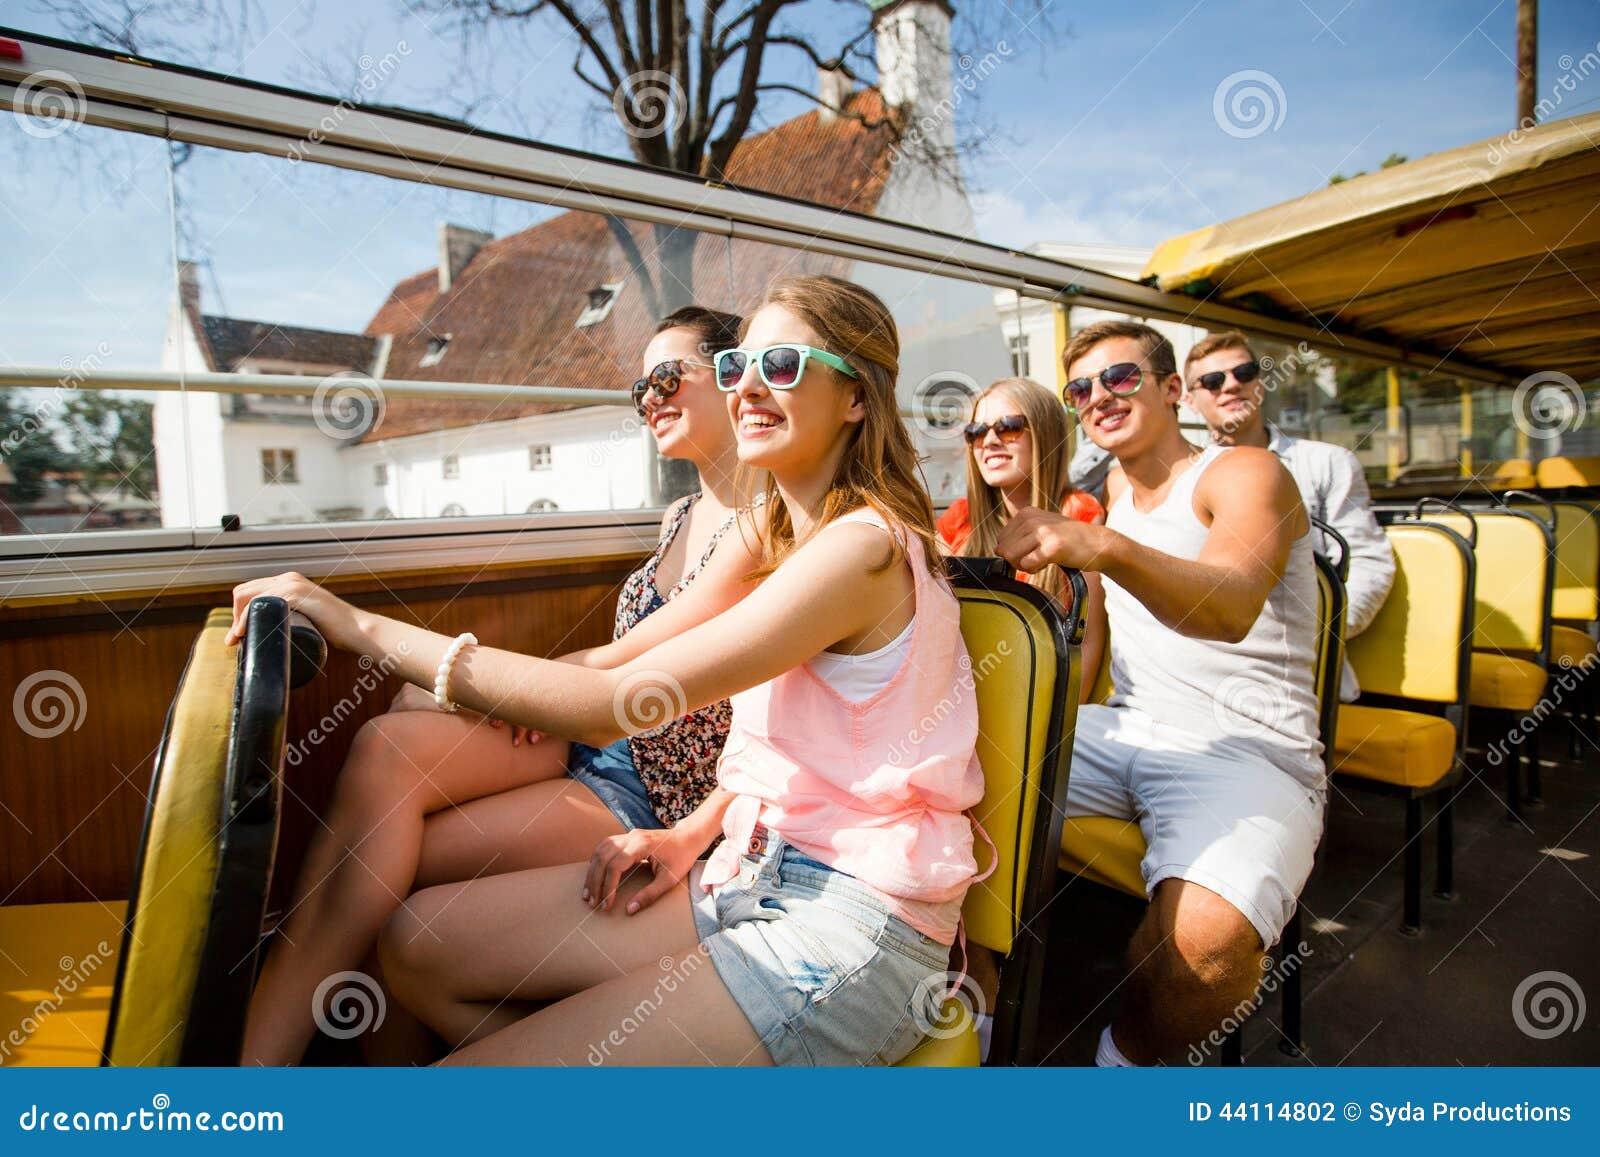 Grupo de amigos sonrientes que viajan en bus turístico